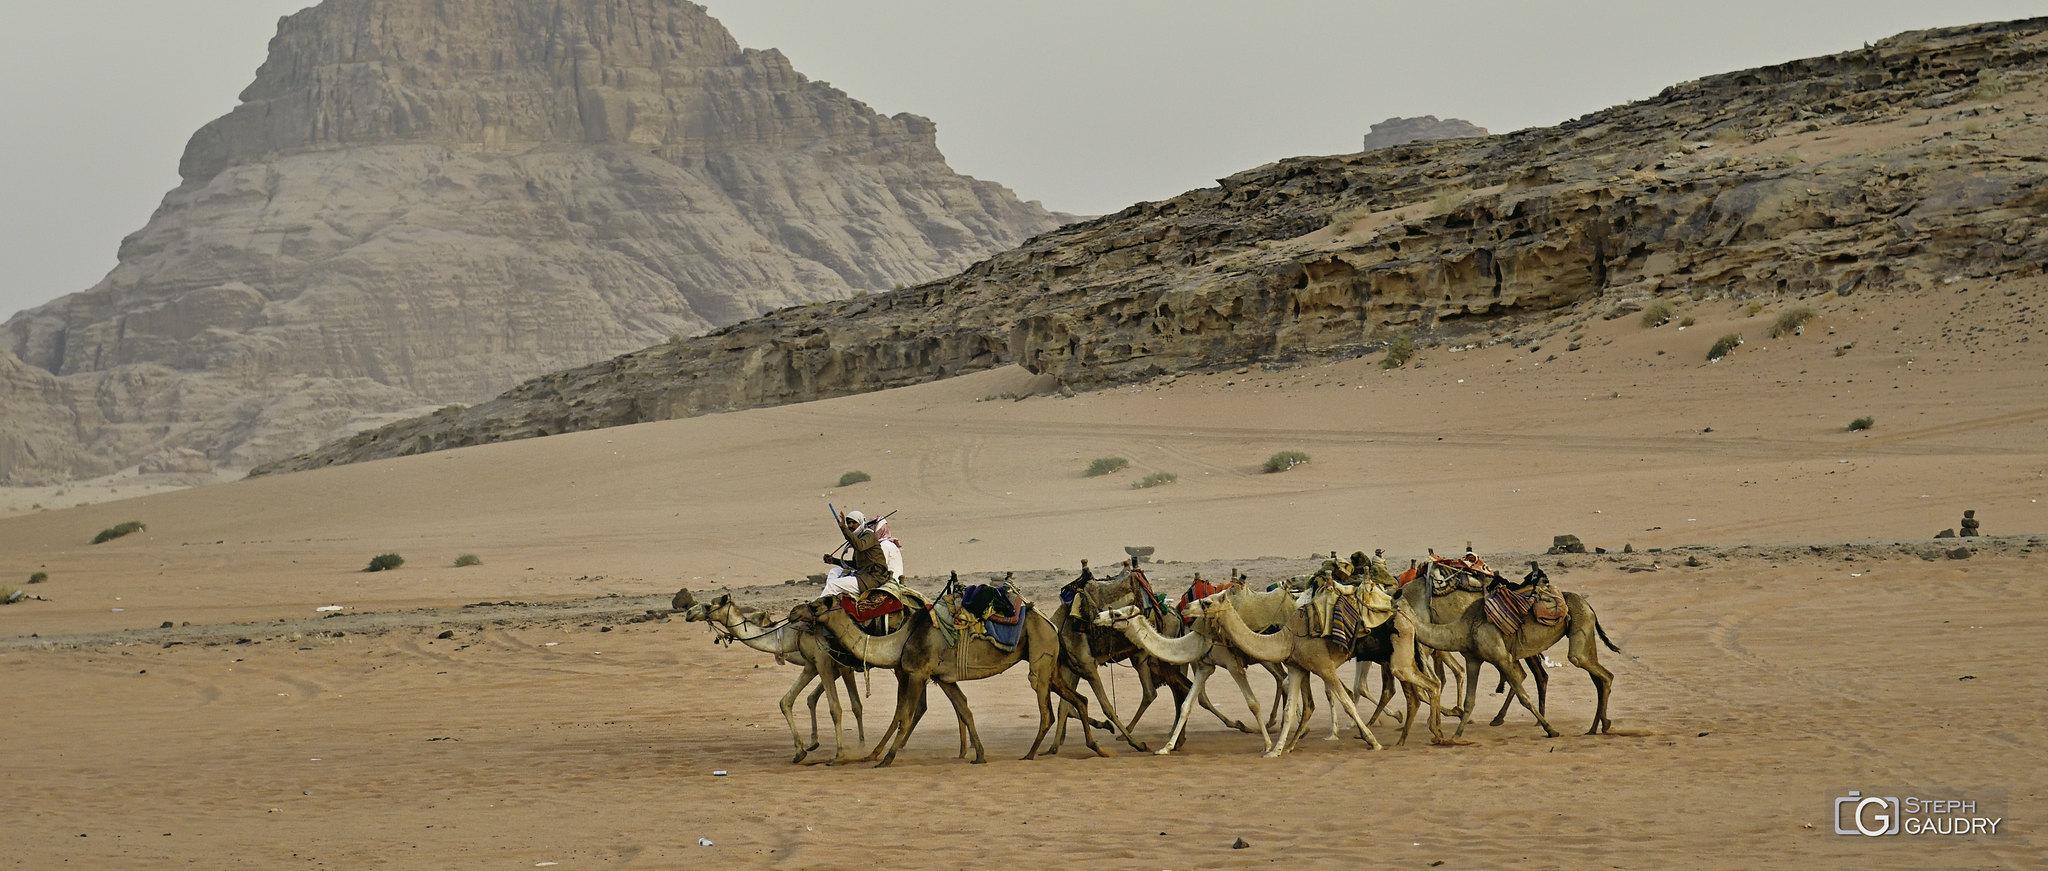 Le retour de la caravane le soir dans le Wadi-Rum... [Click to start slideshow]